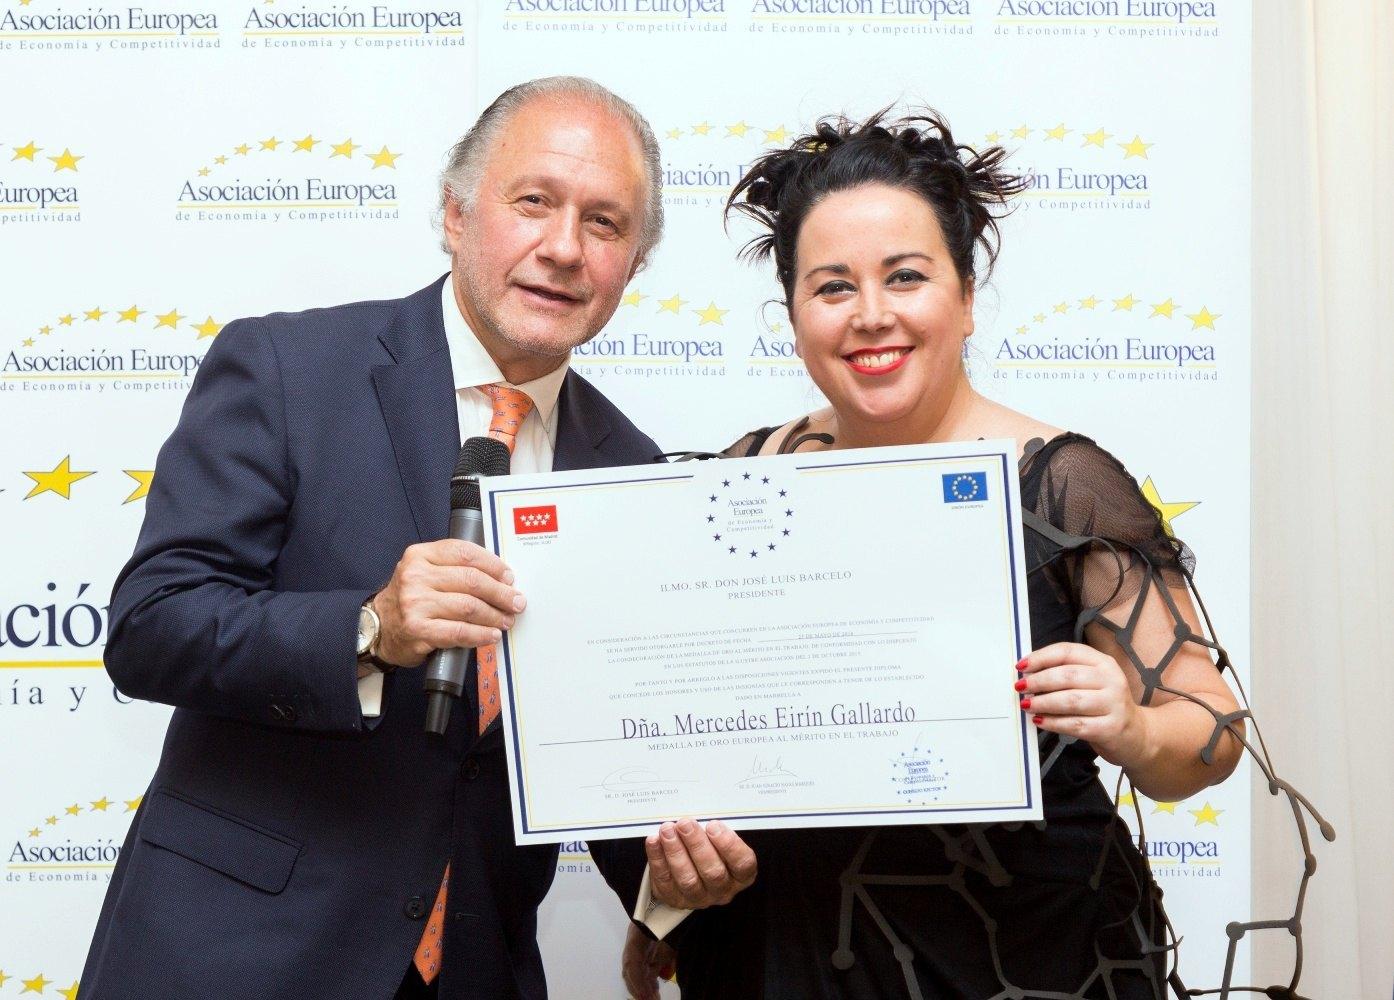 (Español) Mercedes Eirín recibe la medalla de oro al mérito en el trabajo